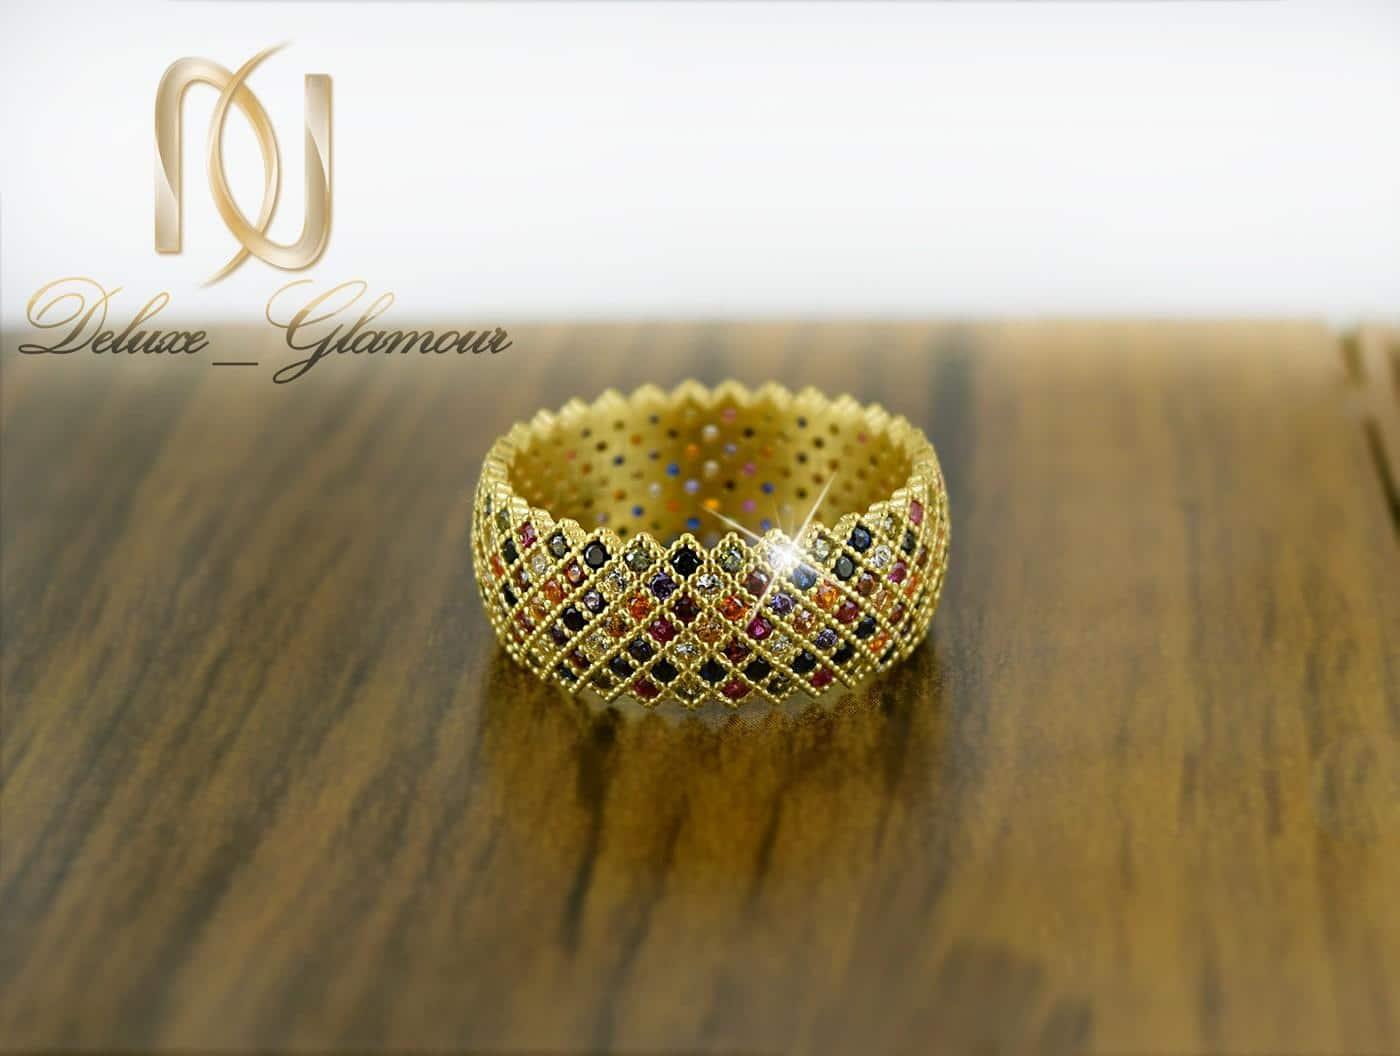 انگشتر زنانه نقره طلایی با نگین های مارکازیت رنگی rg-n278